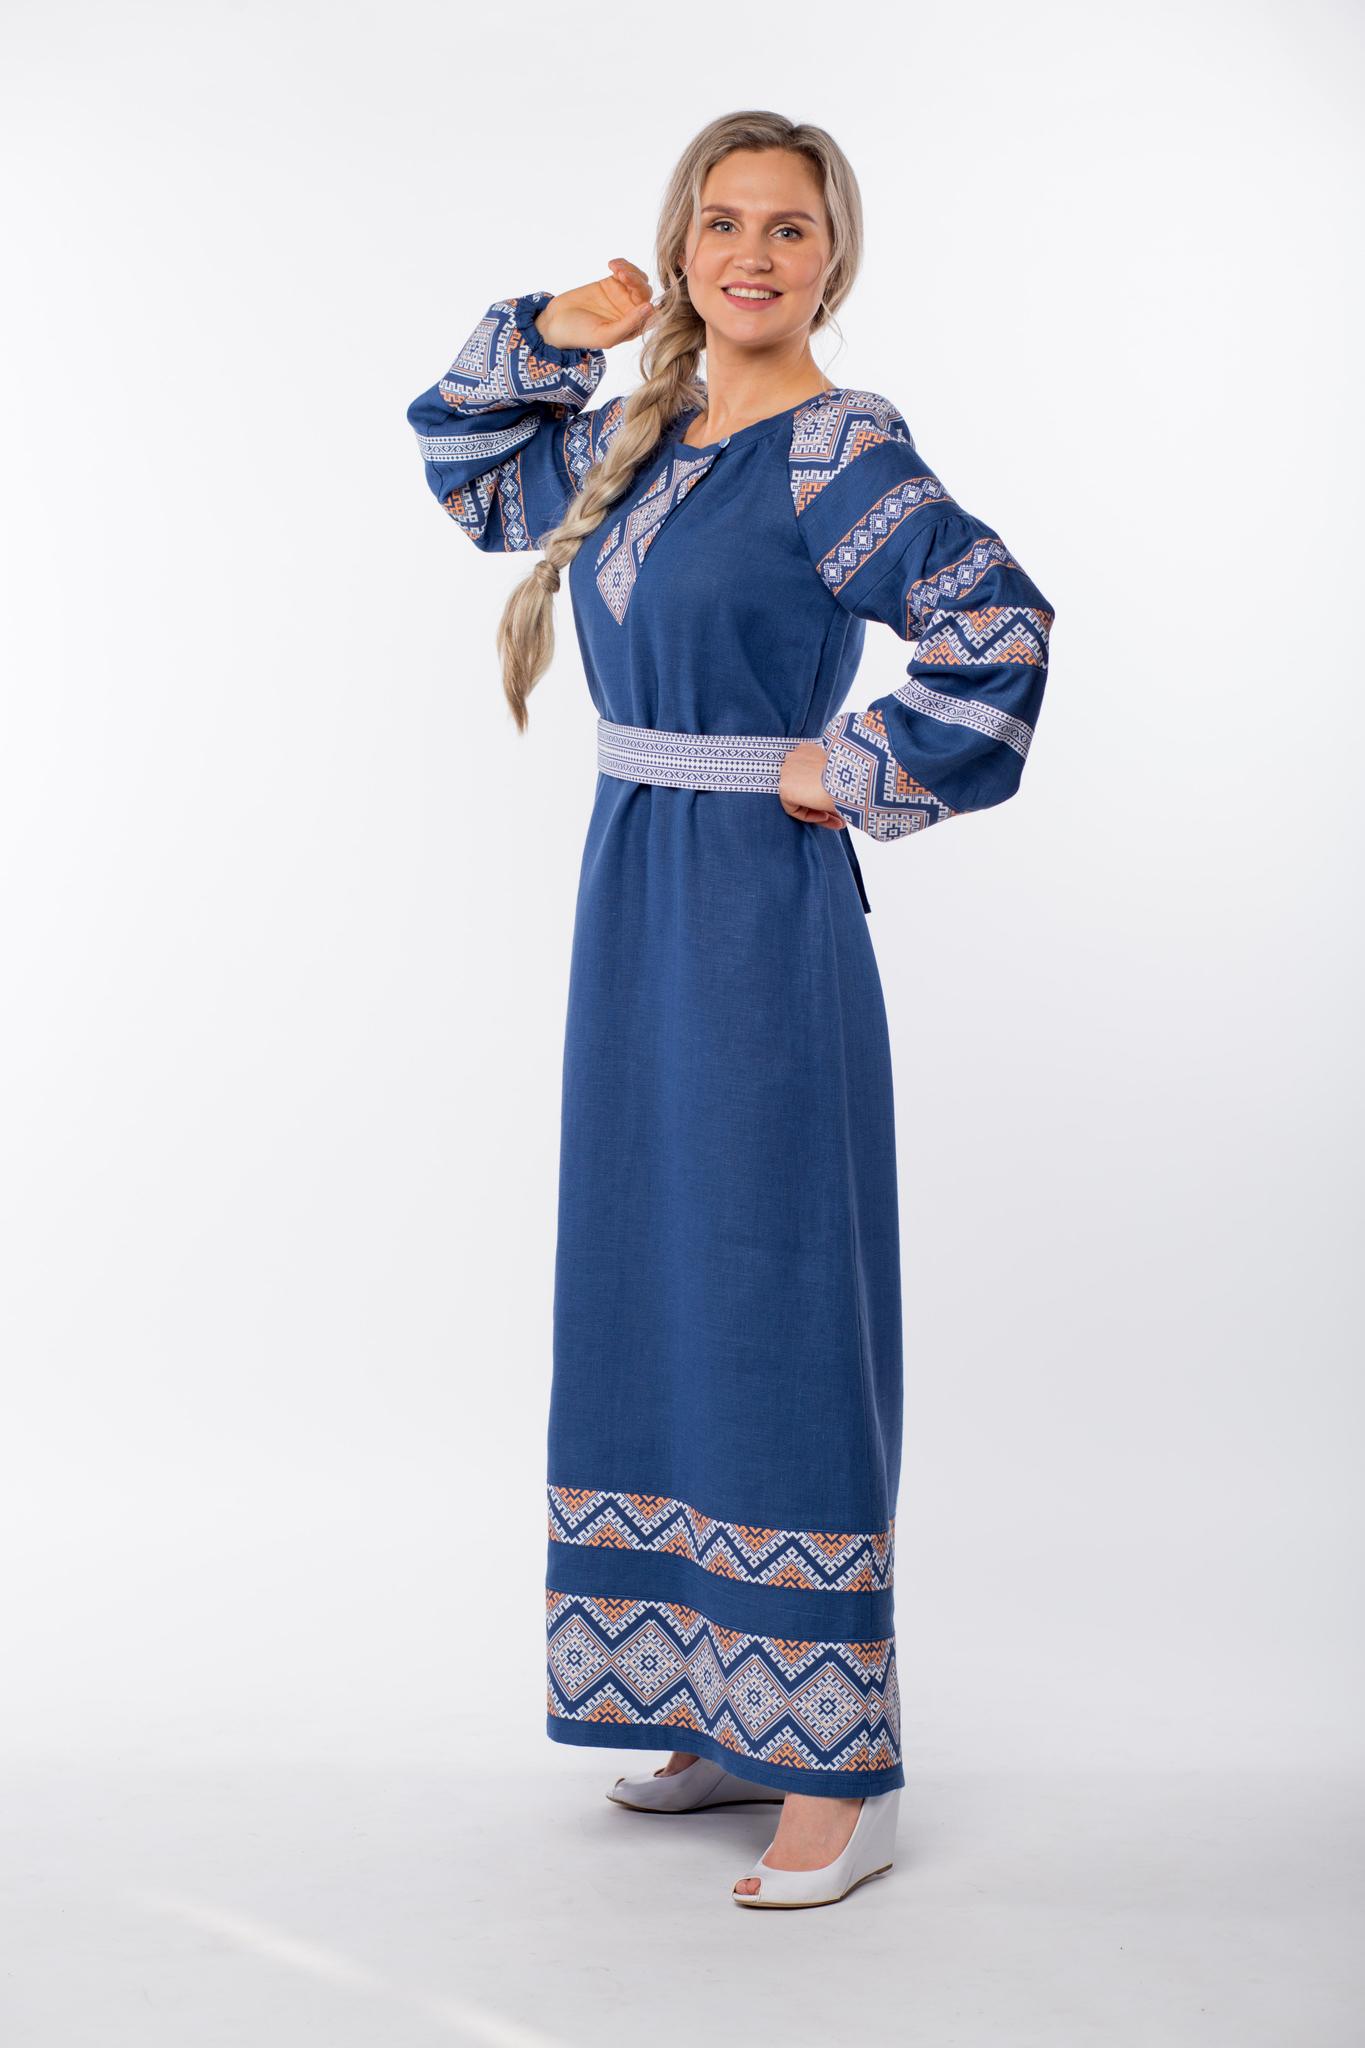 Платье льняное Алтайское левый бок